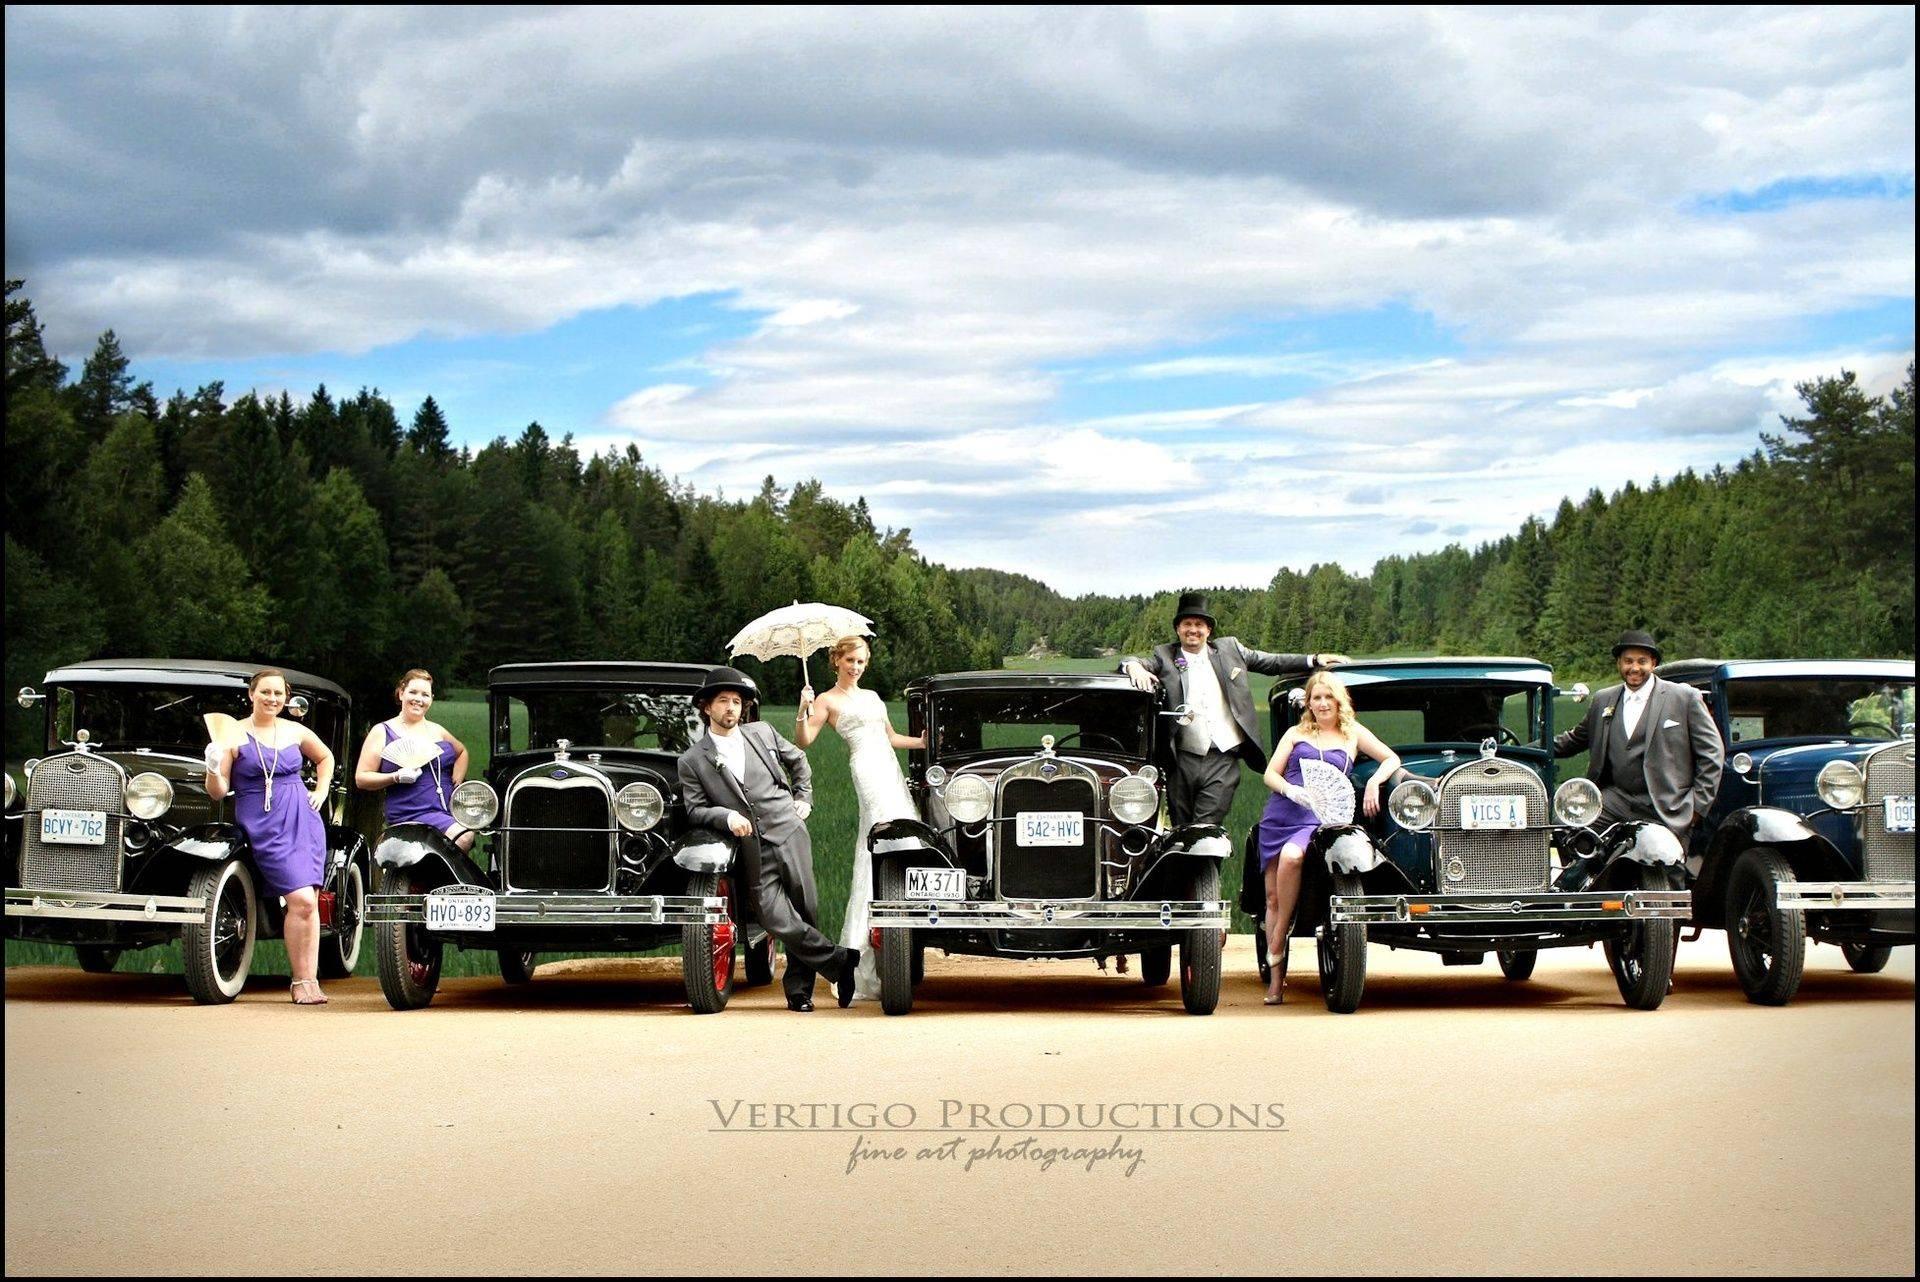 brockville wedding photographer, garden of hope, vertigo productions photography